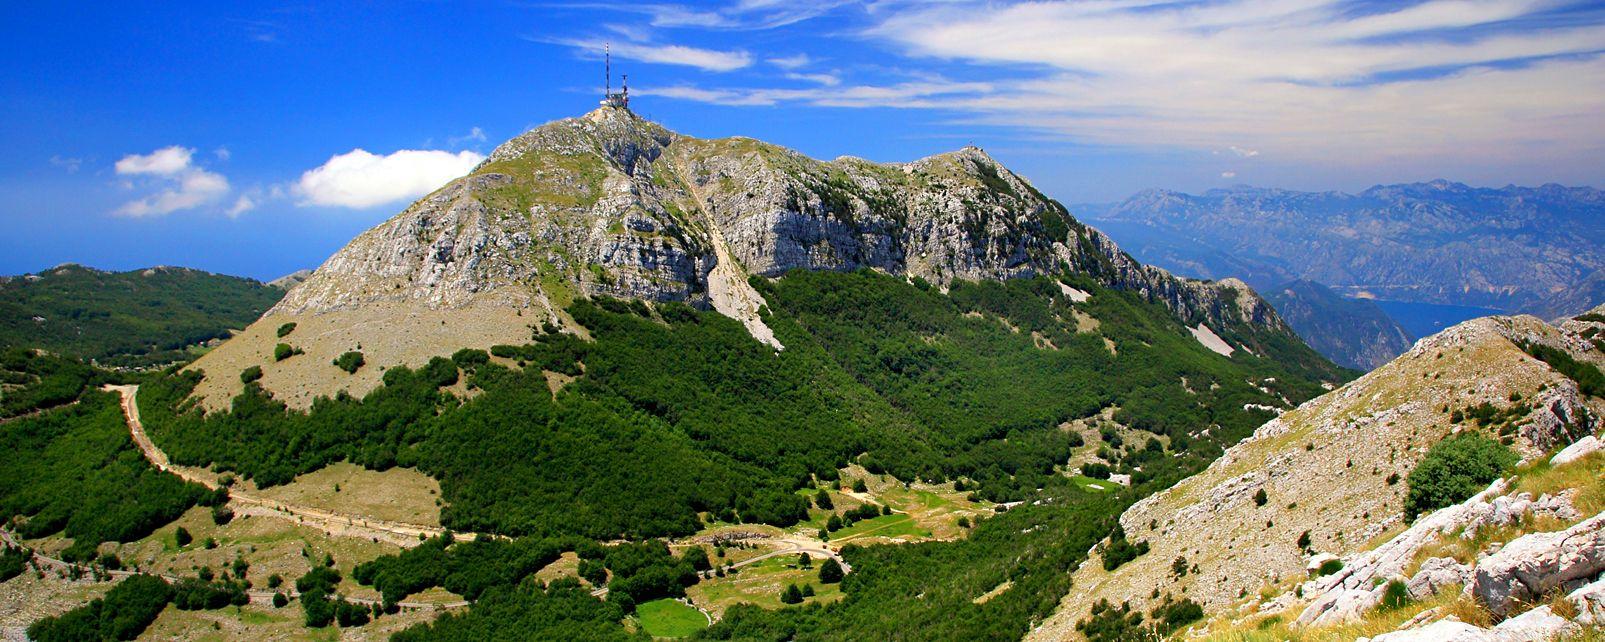 Nationalpark Lovcen , Der Nationalpark Lovcen , Montenegro